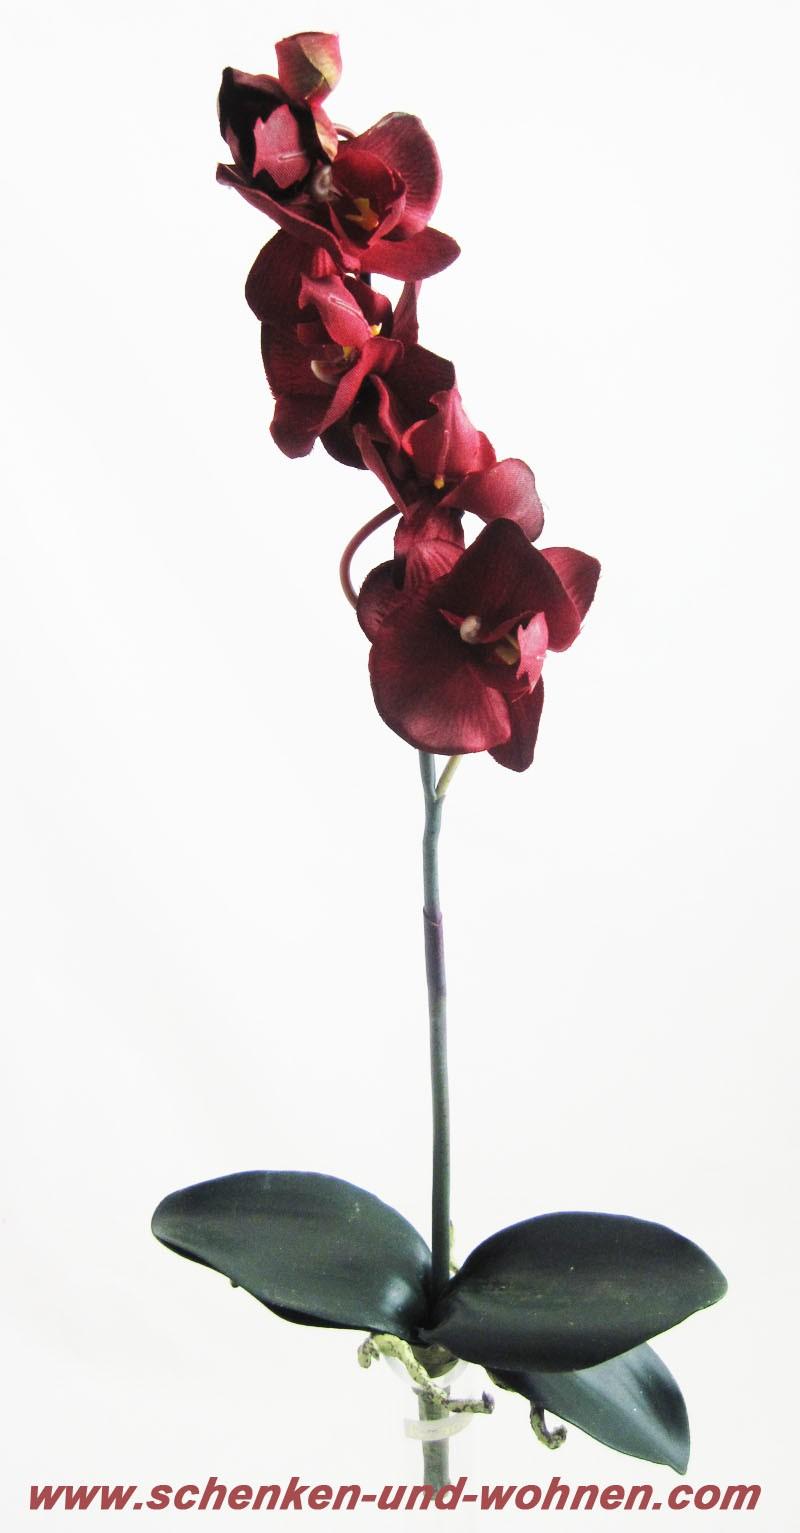 Kunst - Orchidee Phalaenopsis, Bordeaux ca. 42 cm